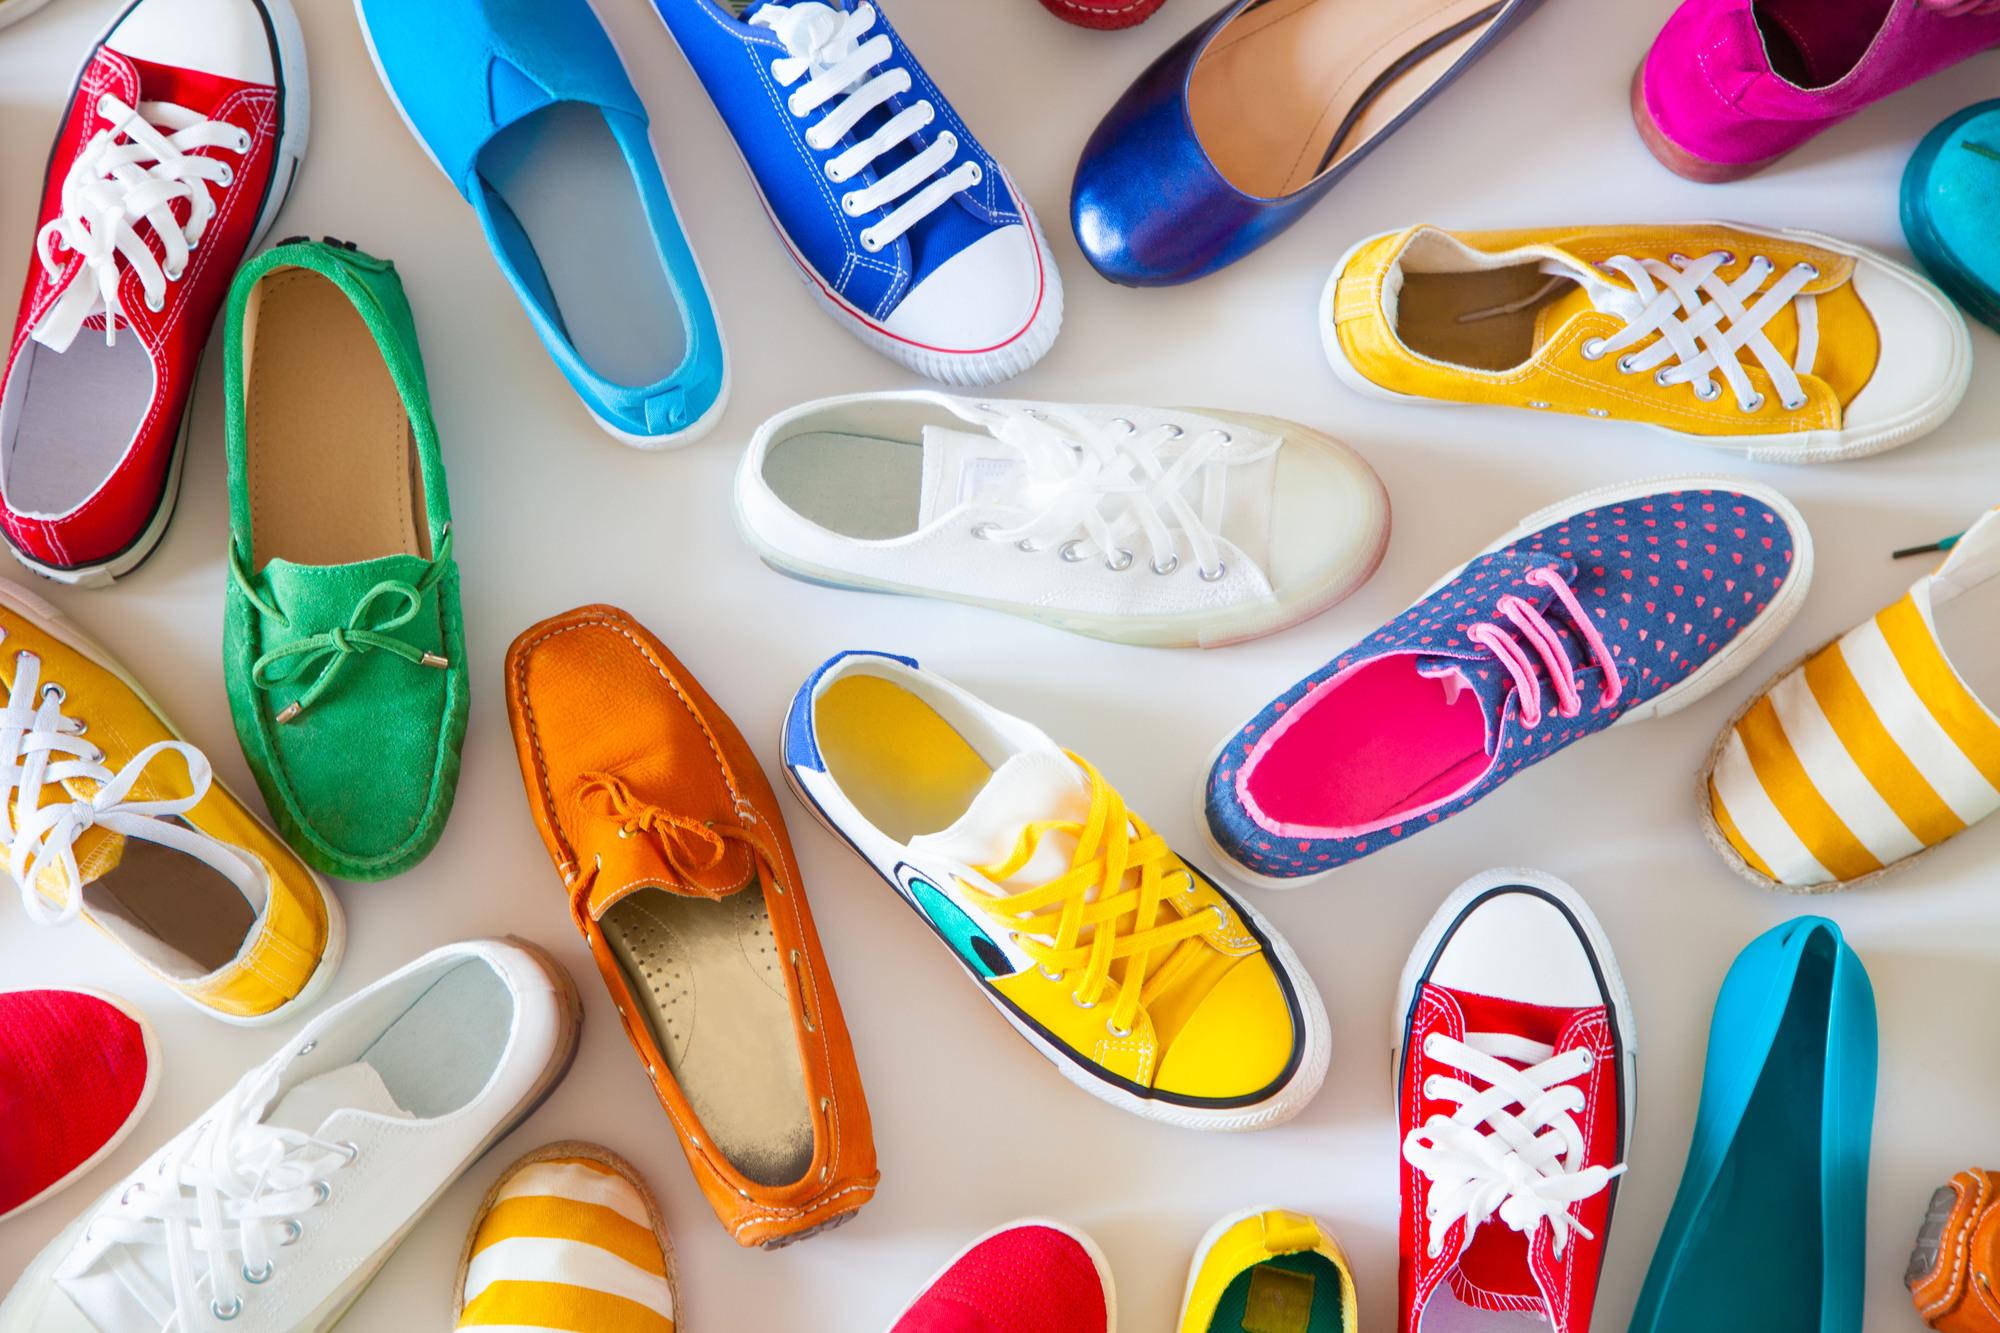 靴のイメージ写真